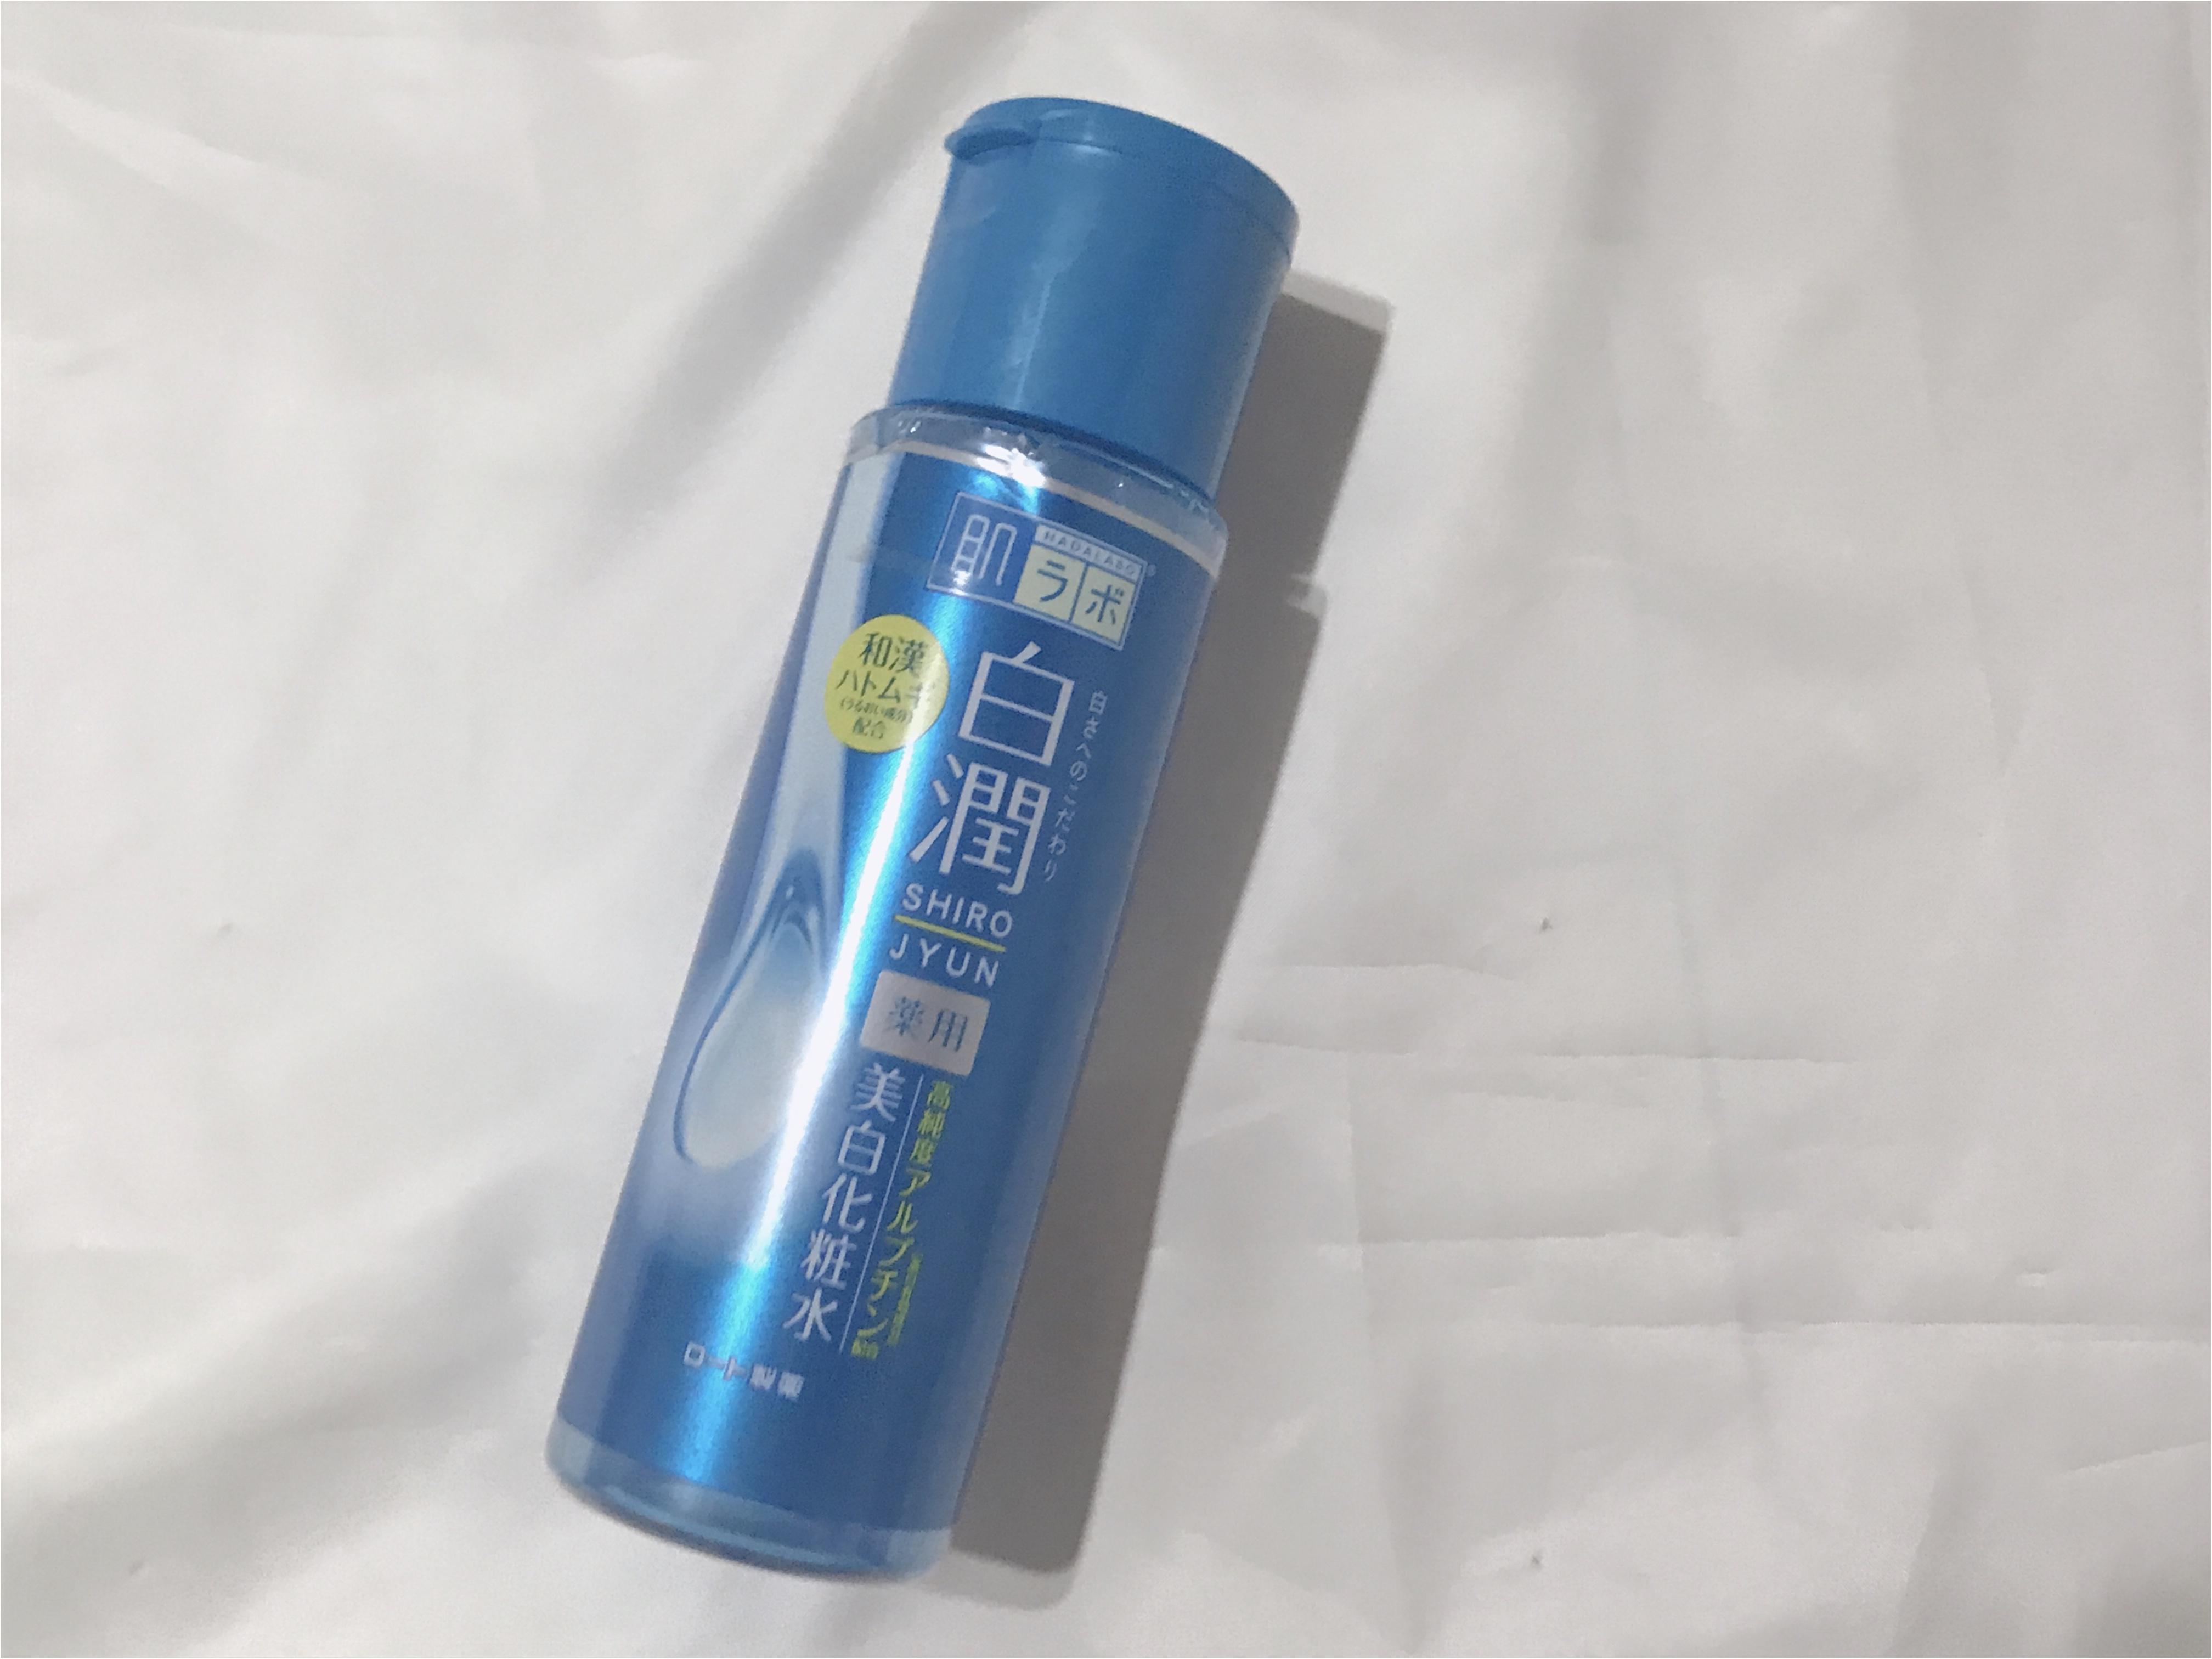 美白化粧品特集 - シミやくすみ対策・肌の透明感アップが期待できるコスメは?_45